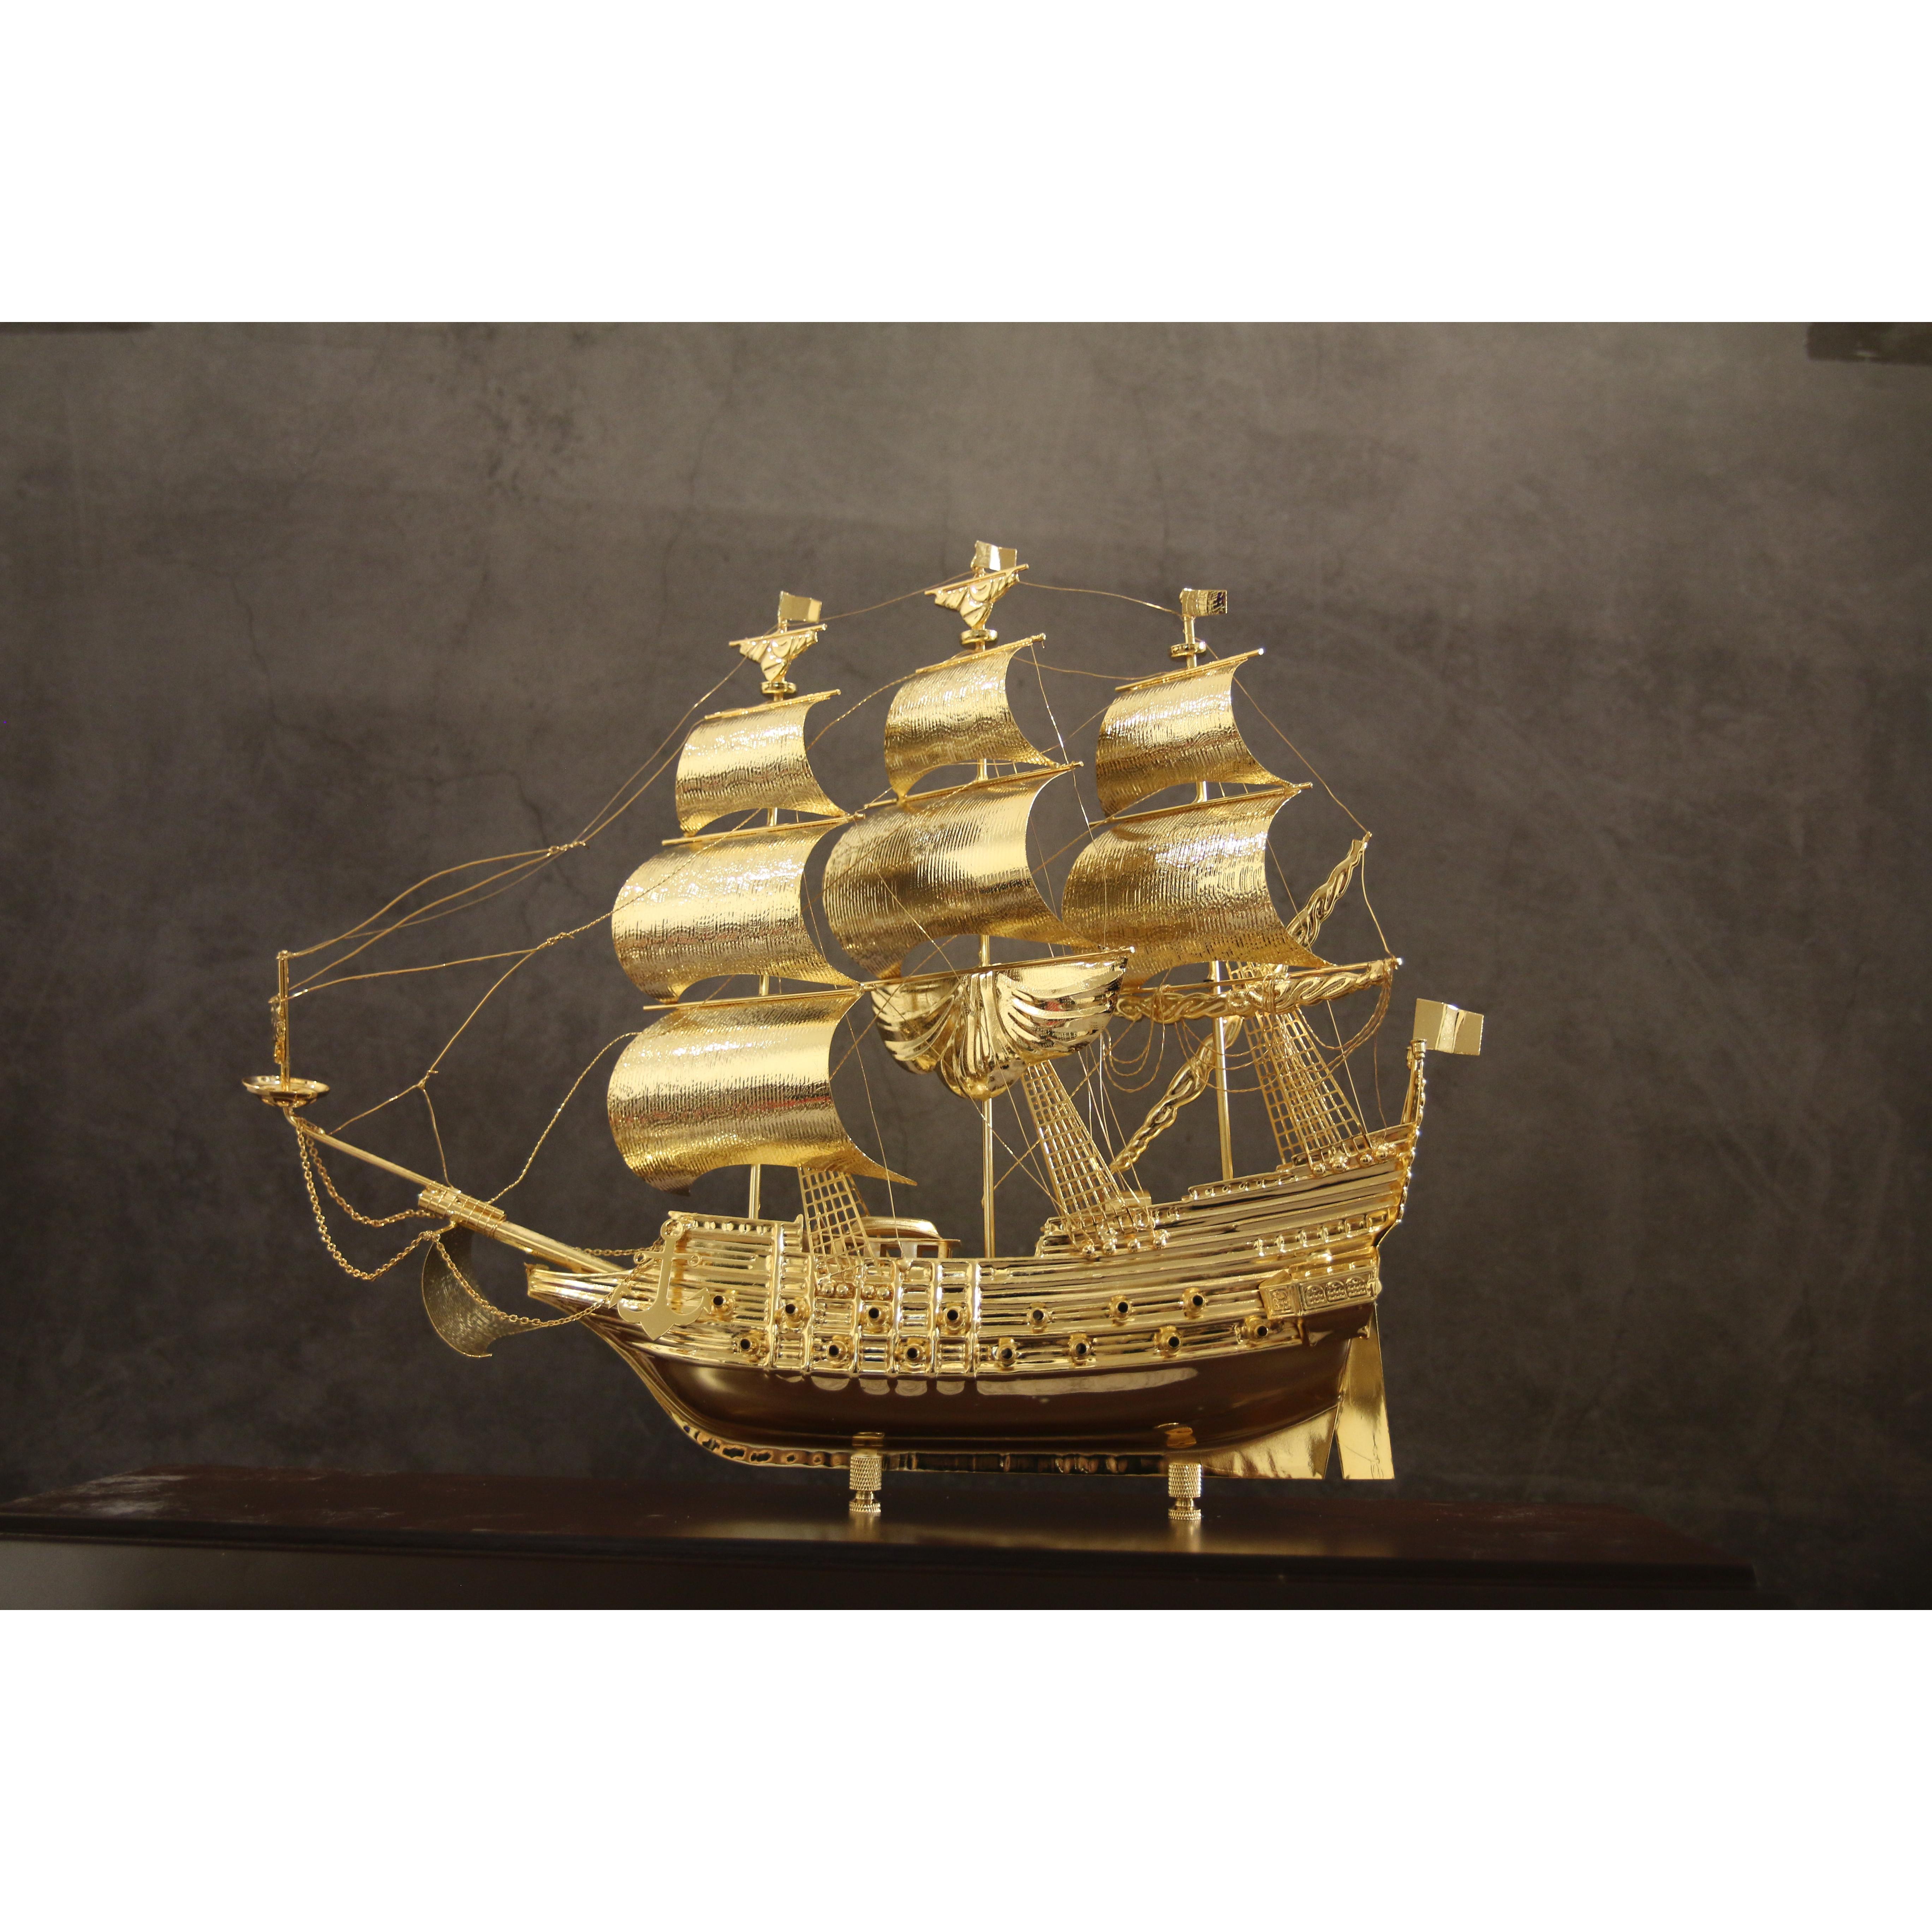 Mô hình thuyền buồm mạ vàng - Cỡ đại